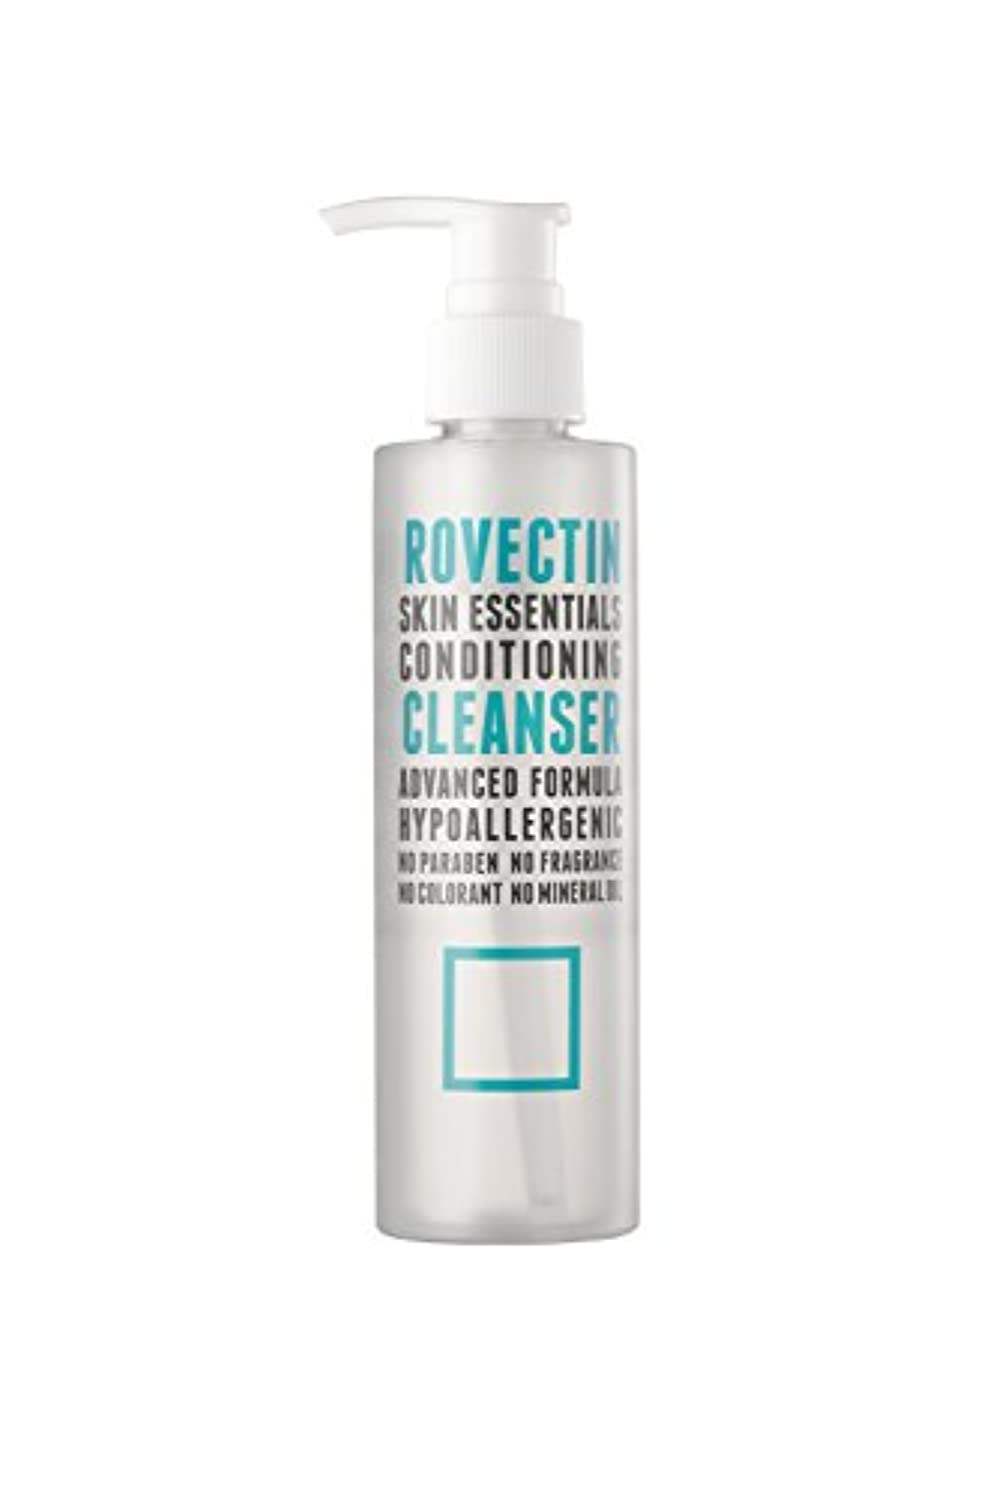 模索文庫本してはいけませんスキン エッセンシャルズ コンディショニング クレンザー Skin Essentials Conditioning Cleanser 175ml [並行輸入品]